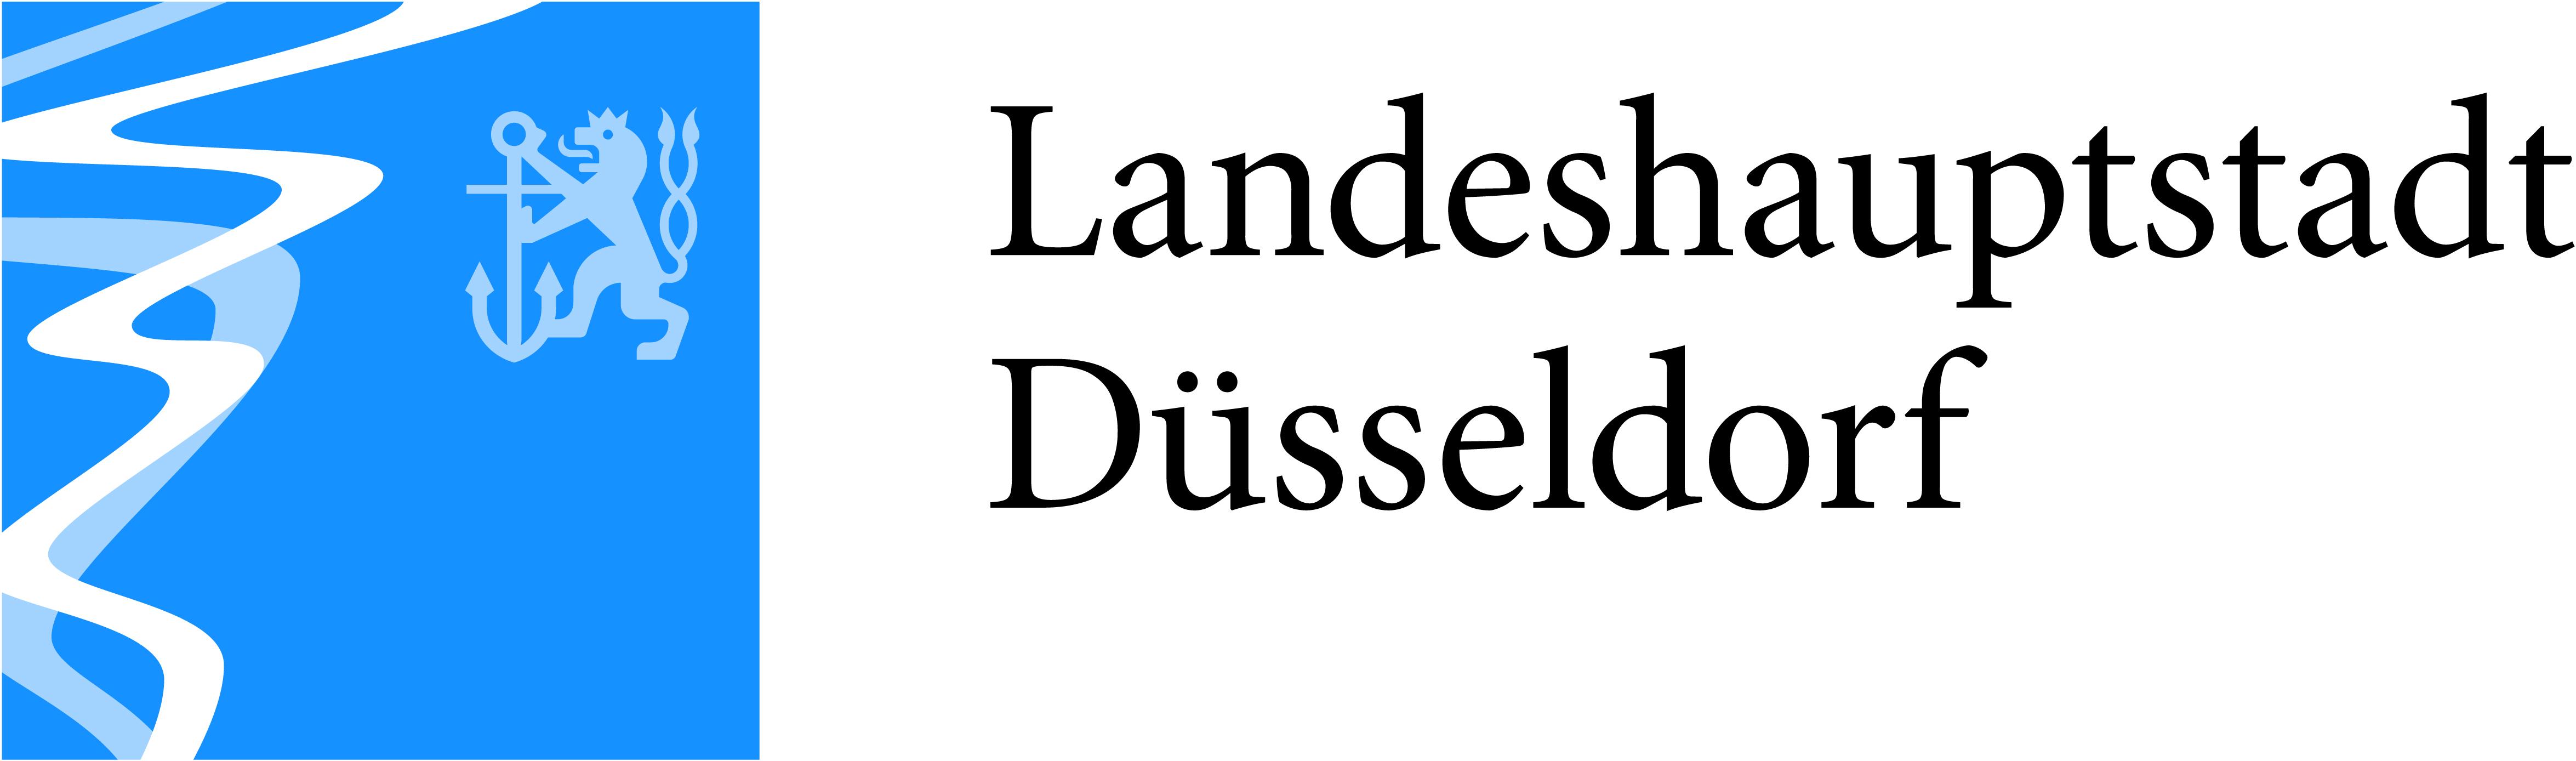 messedaten_messe_198_weblogos_landeshauptstadt_duesseldorf.jpg